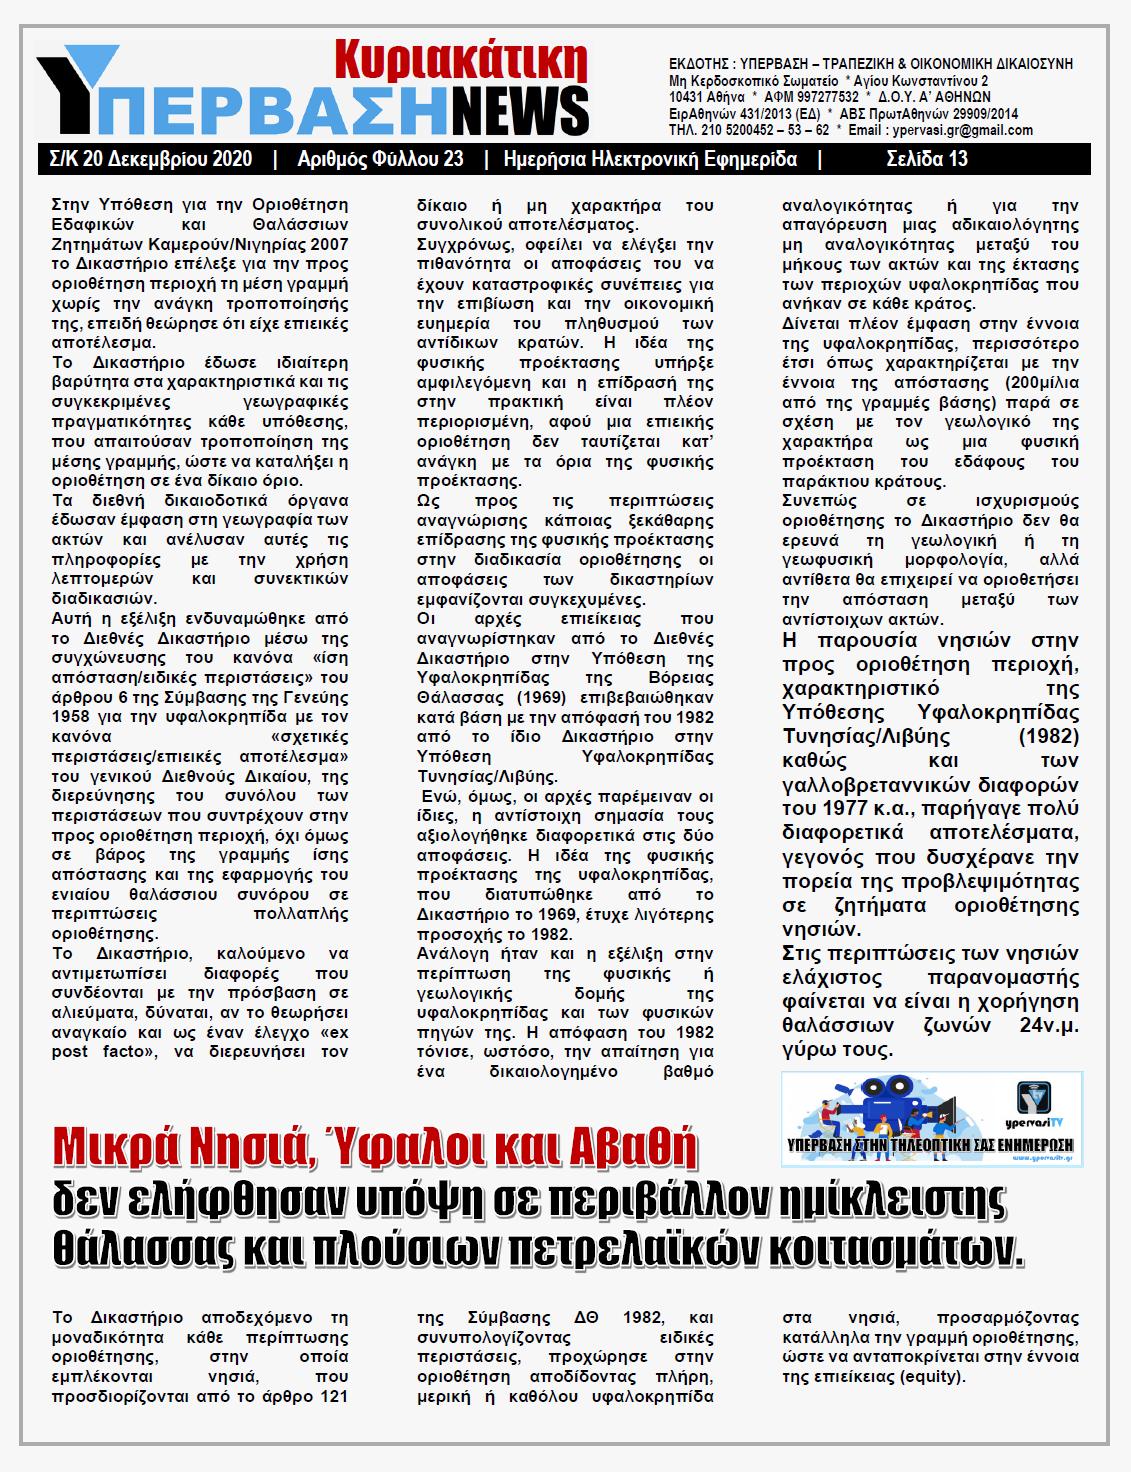 ΑΟΖ & Υφαλοκρηπίδα: Ότι λάμπει στο Διεθνές Δικαστήριο δεν είναι χρυσός !!!